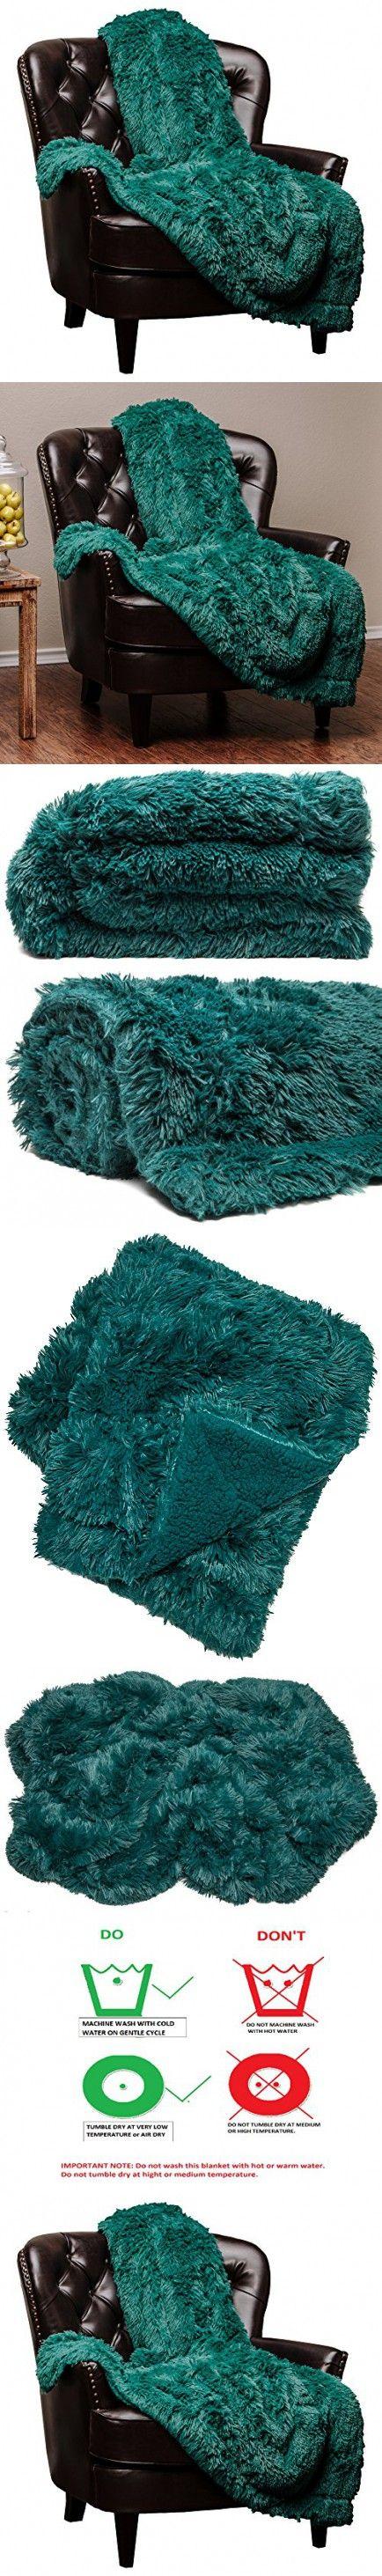 Chanasya Super Soft Long Shaggy Chic Fuzzy Fur Faux Fur Warm Elegant Cozy With Fluffy Sherpa Teal Throw Blanket - Solid Shaggy Teal